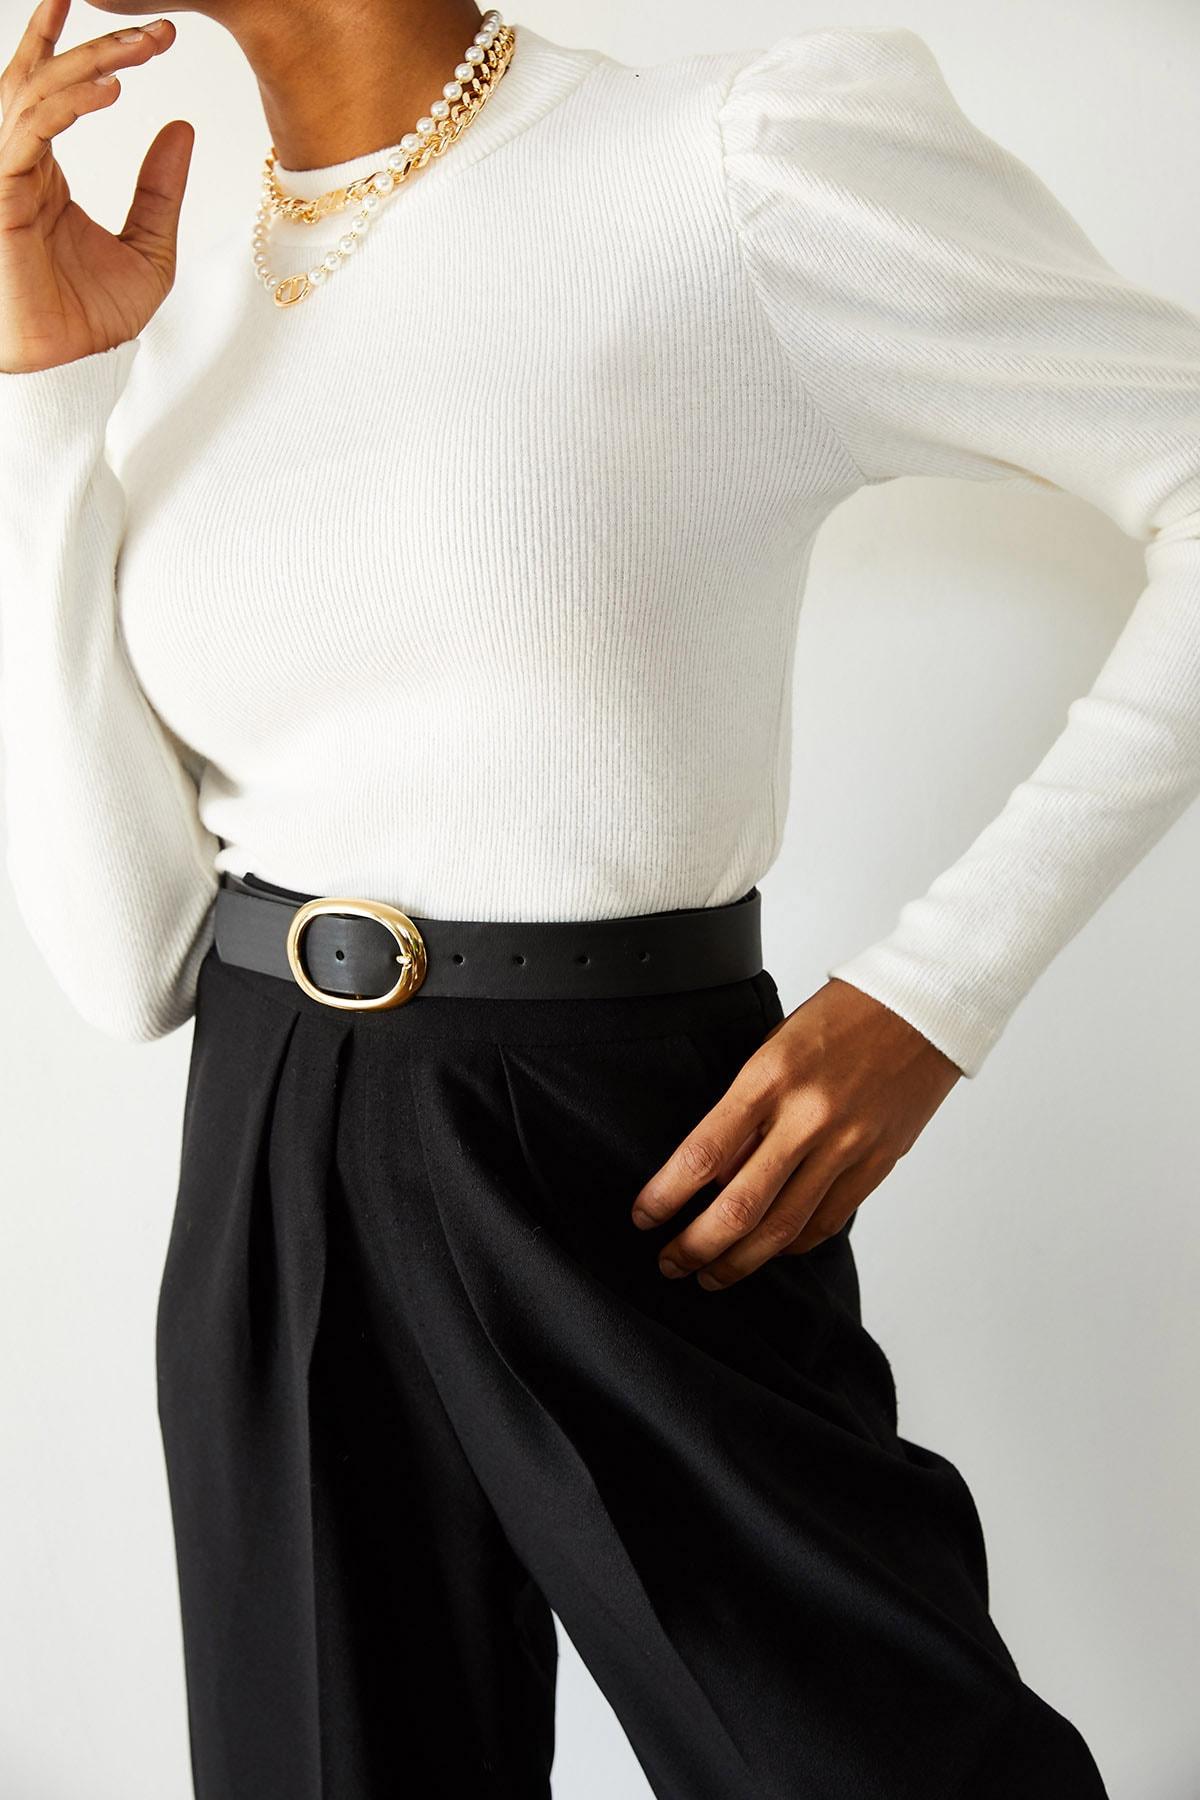 XENA Kadın Beyaz Omuzları Büzgülü Bluz 1KZK3-10750-01 1